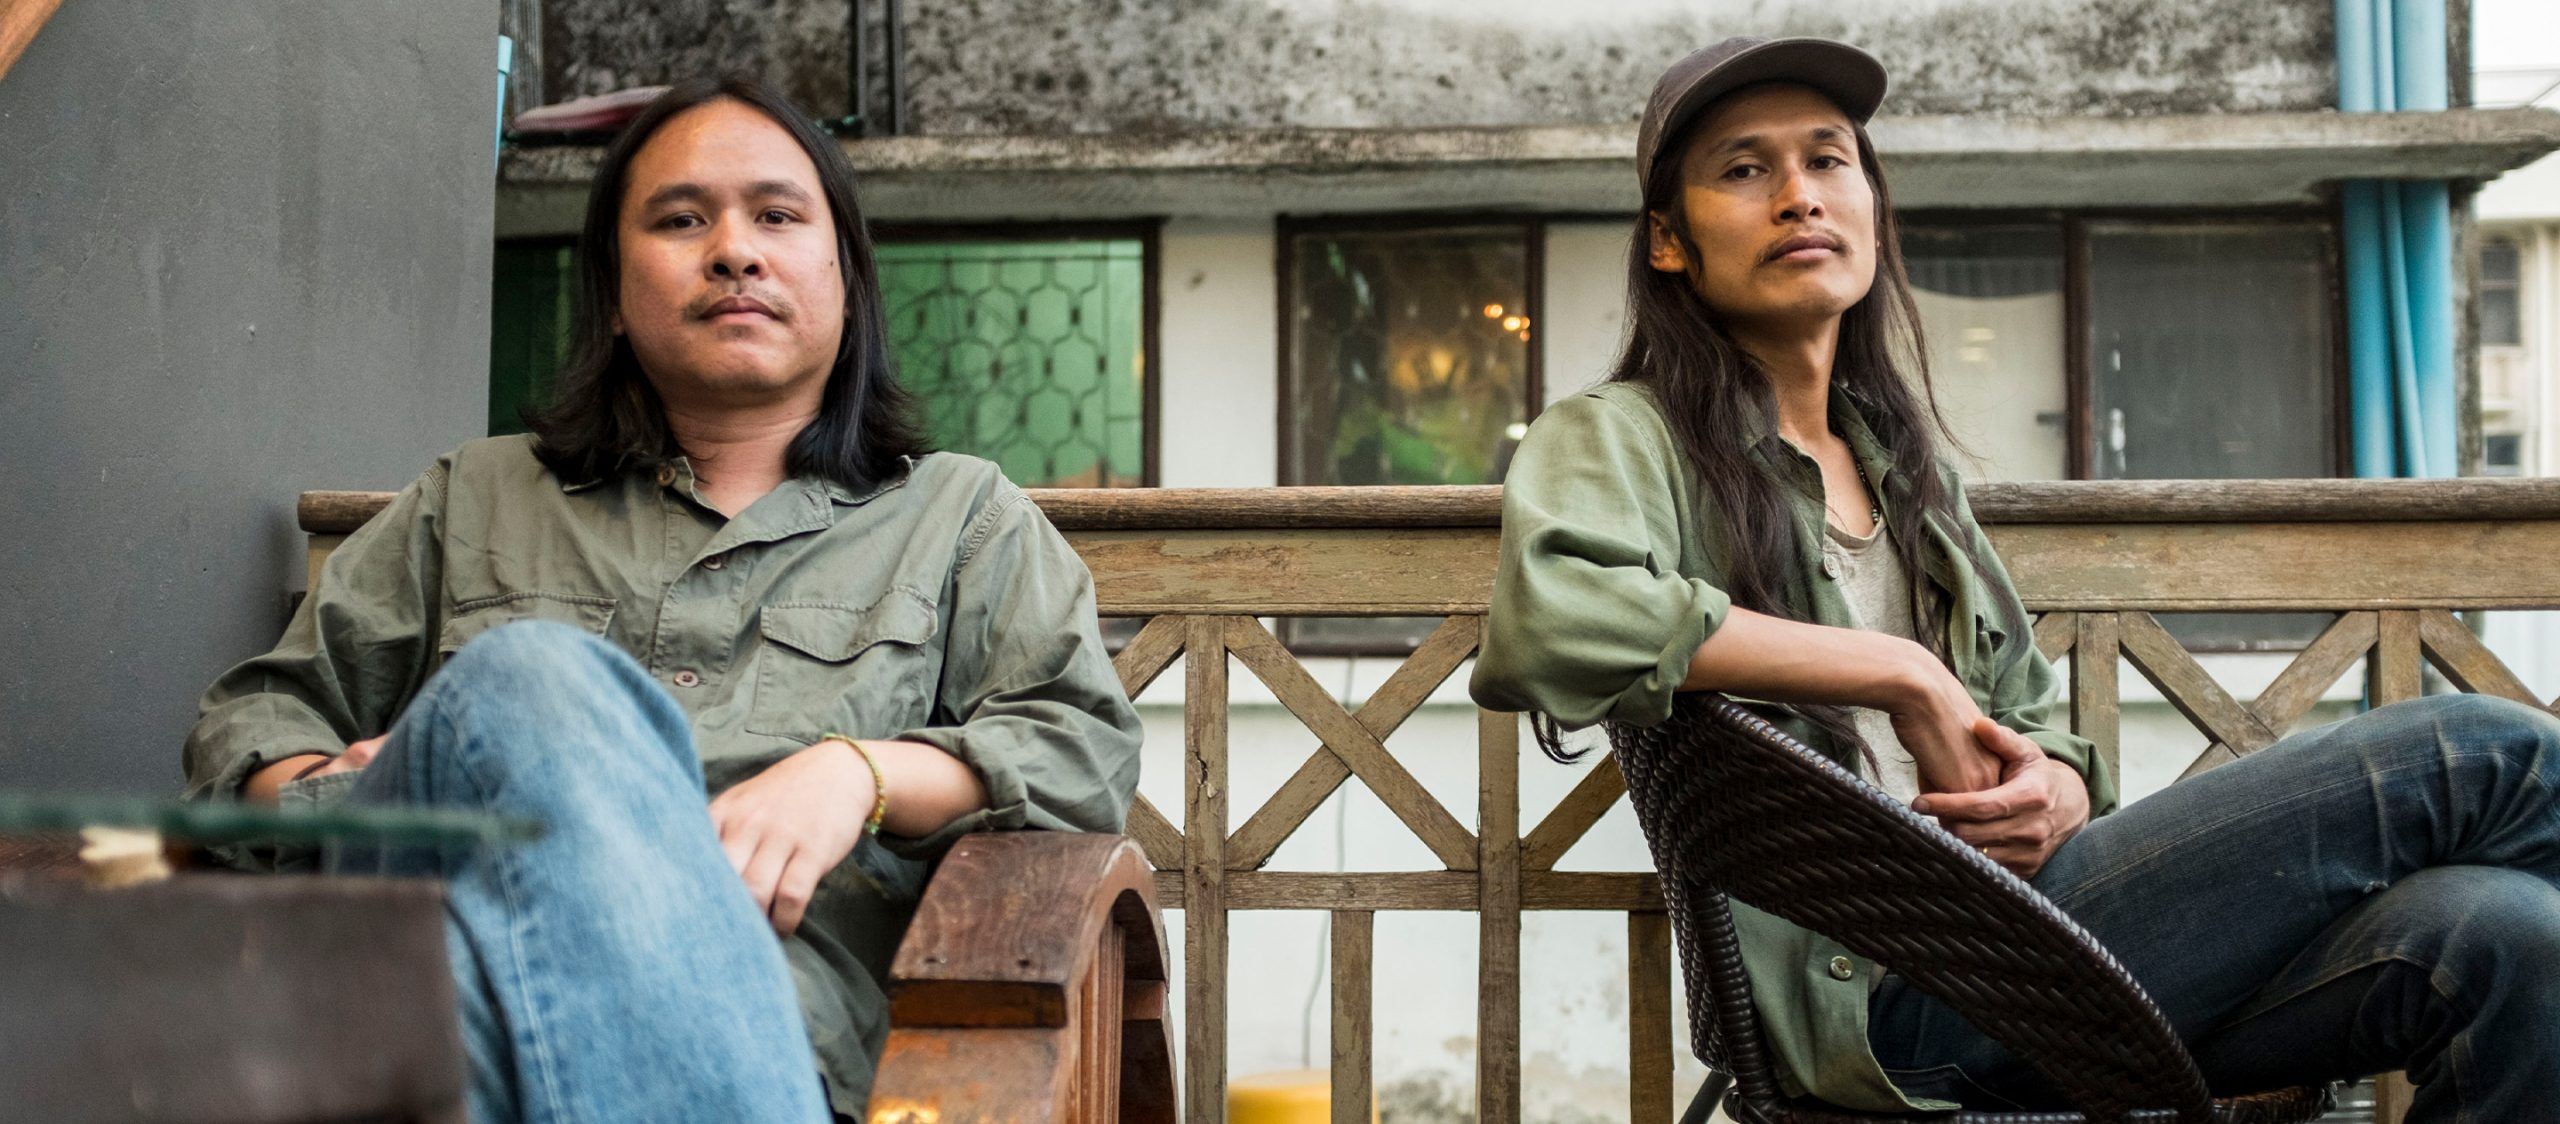 16 ฝนแห่งความฝันที่มากกว่าฝันของวงดนตรีโฟล์กชื่อ Selina and Sirinya